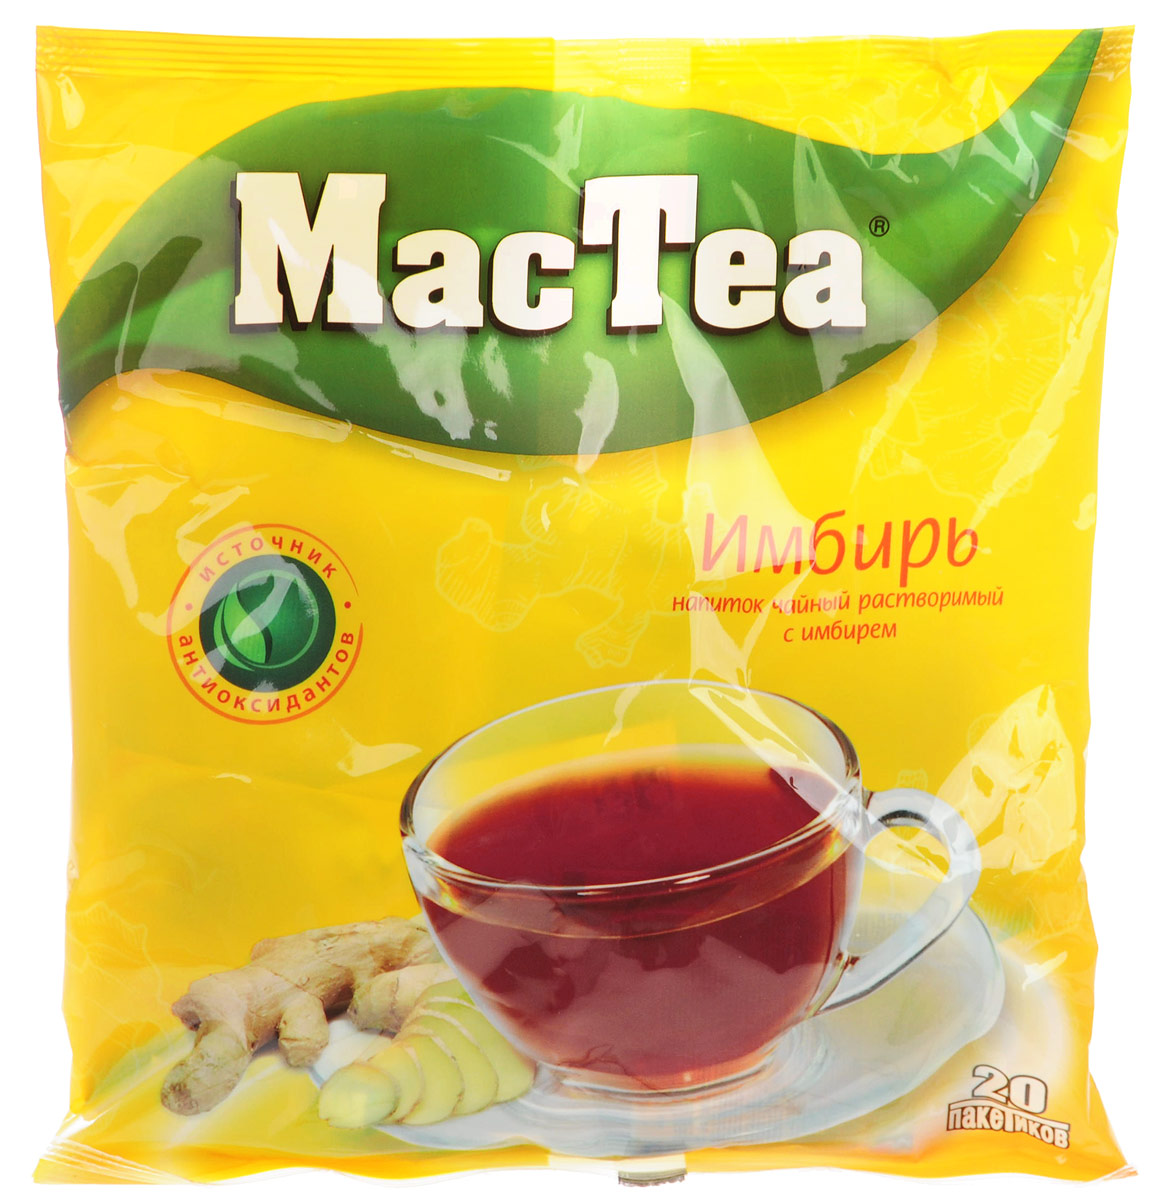 MacTea напиток чайный с имбирем, 20 шт0120710Растворимый чайный напиток MacTea с имбирем понравится и детям, и взрослым. Этот напиток можно употреблять как в холодном, так и в горячем виде. Для приготовления необходимо залить содержимое пакетика стаканом воды и тщательно размешать.